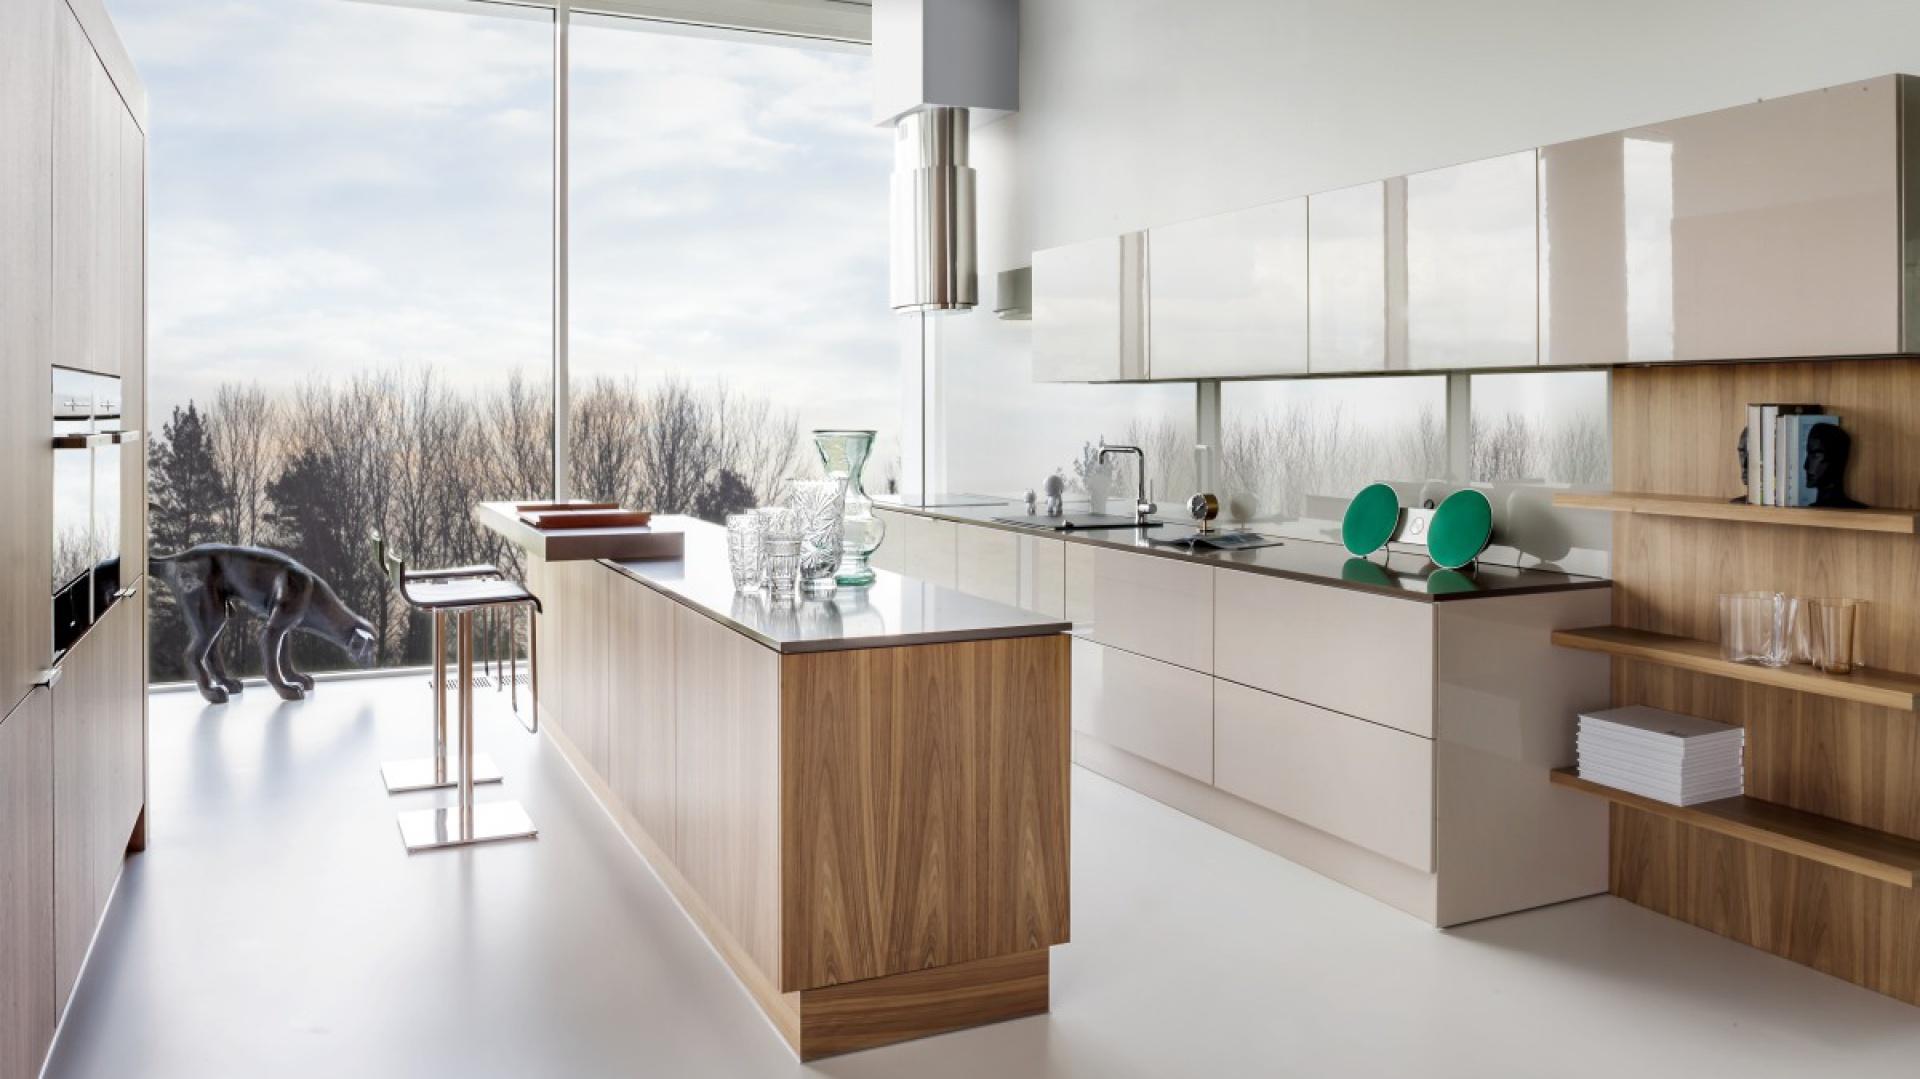 Model Kuchni Z2. Kuchnia skandynawska, w modnym połączeniu bieli i drewna. Fot. Zajc Kuchnie